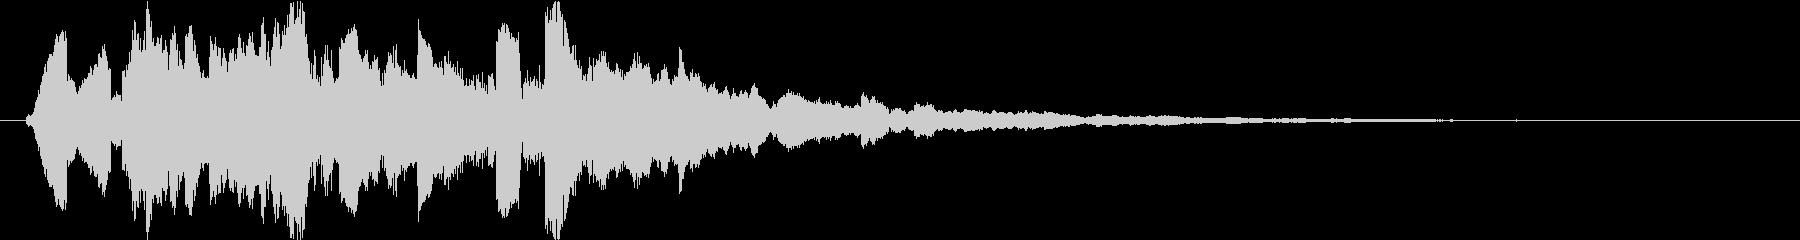 暖い未来的で幻想的なサウンドロゴの未再生の波形